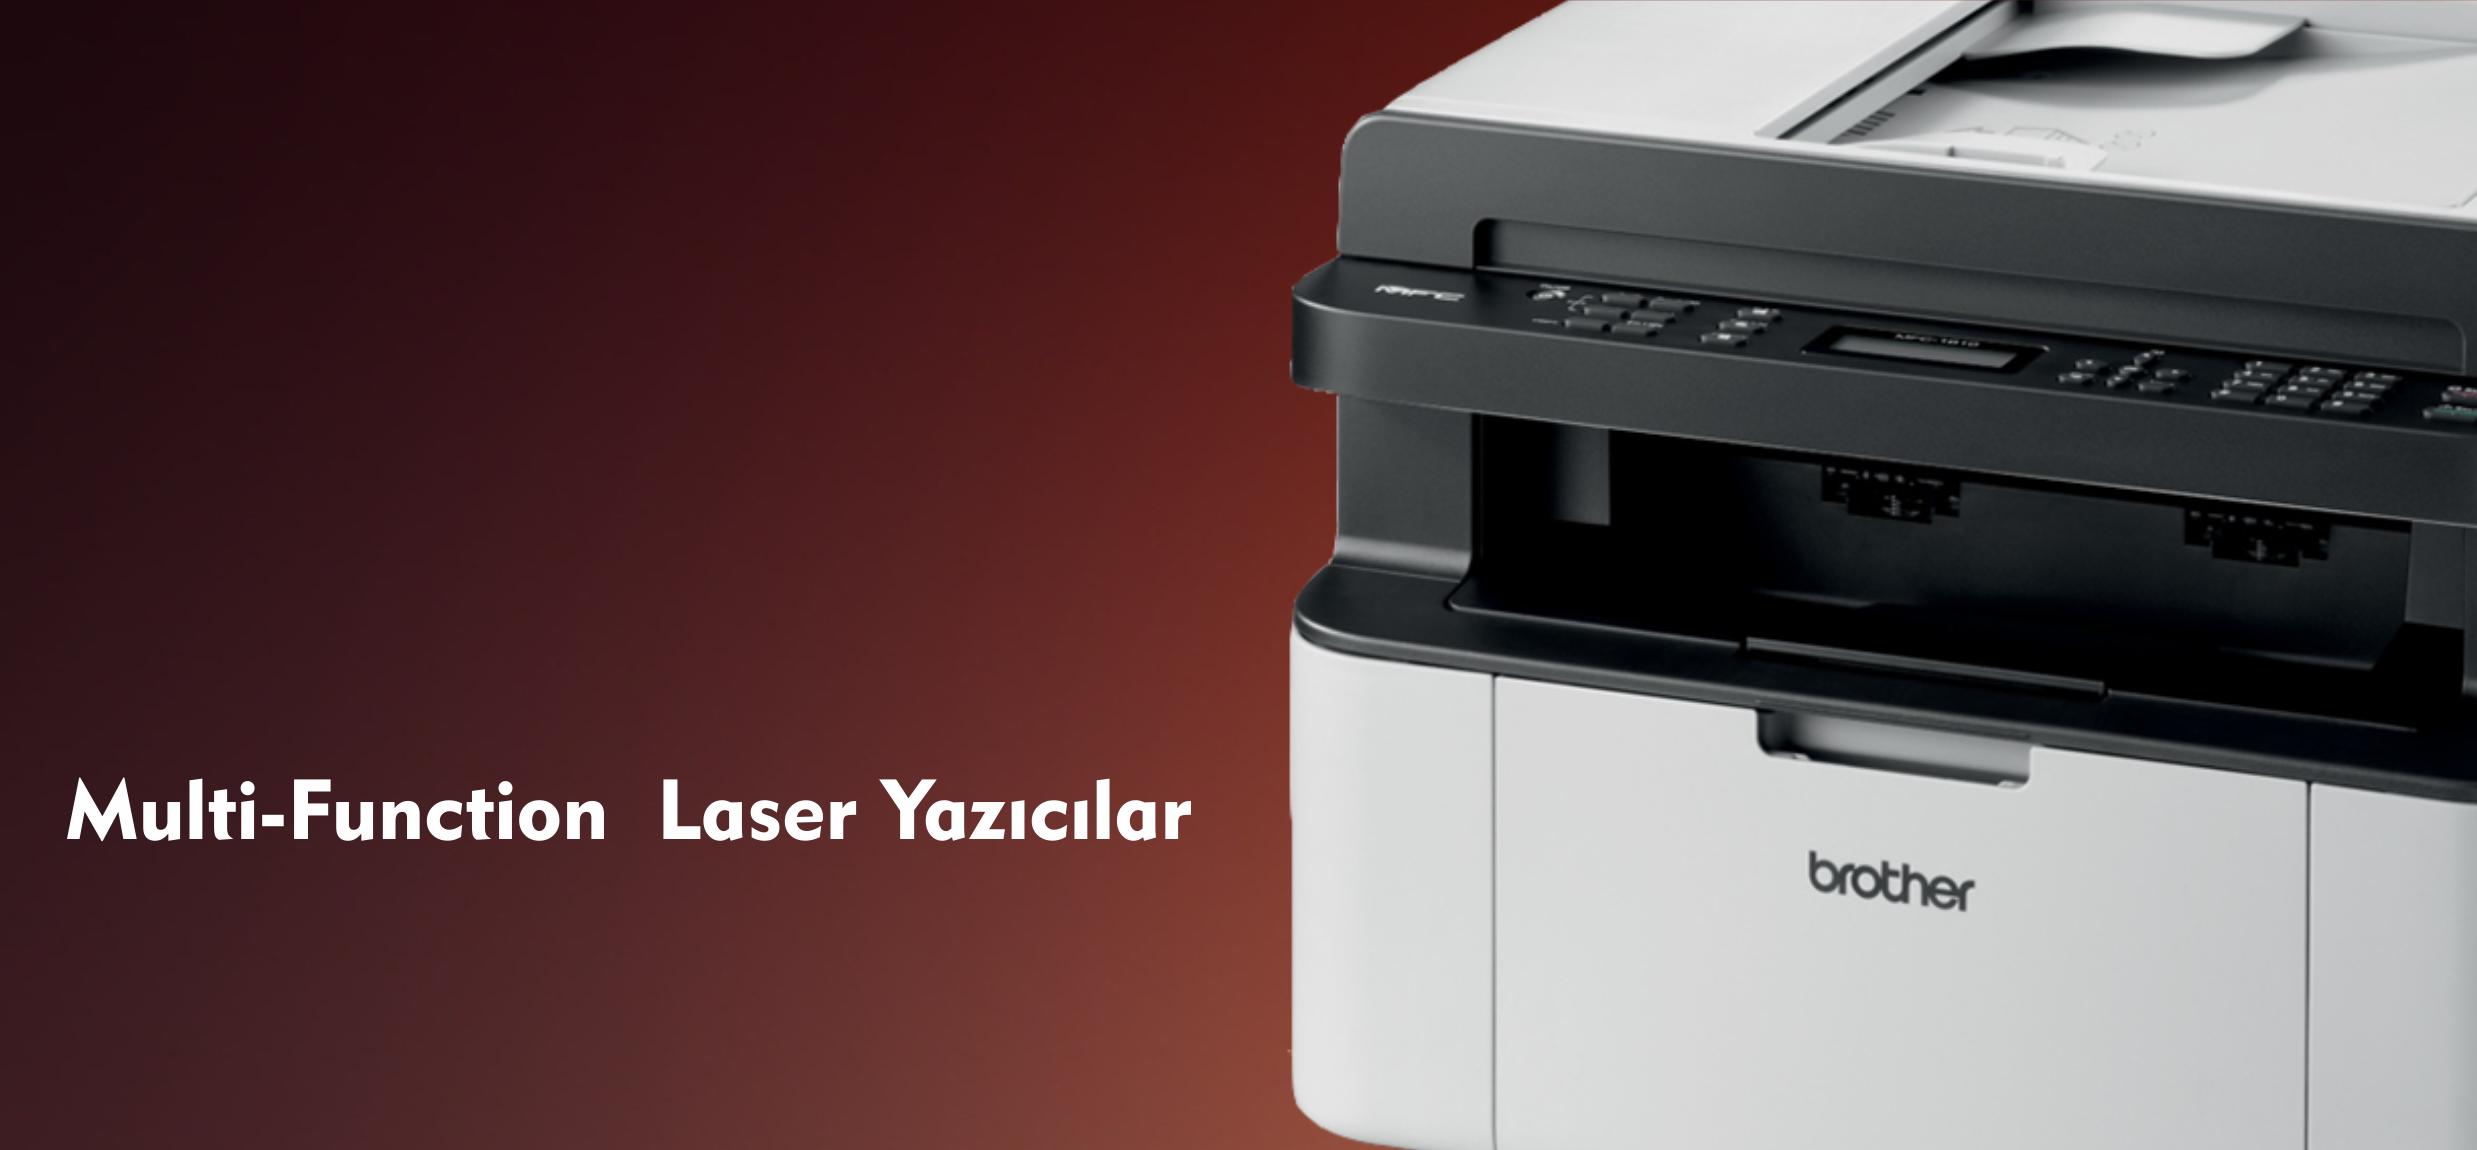 Multi-Function Laser Yazıcılar